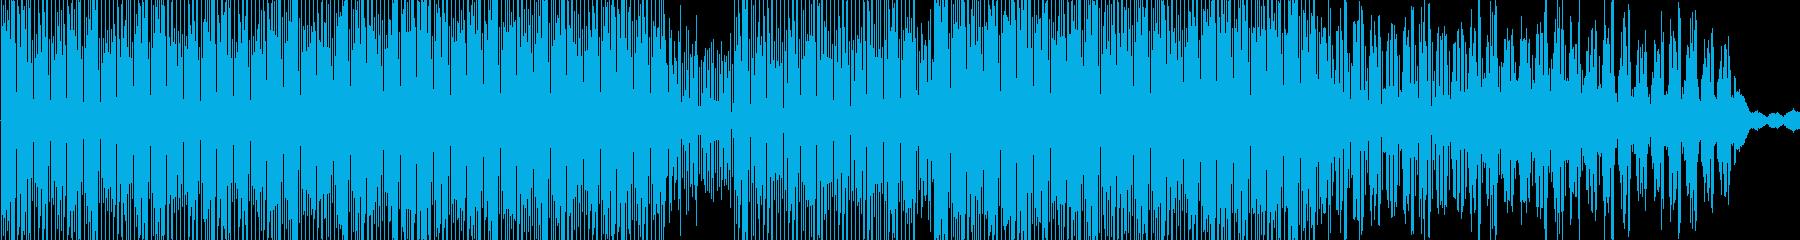 爽やか〜で明るくオシャレ〜なEDMの再生済みの波形